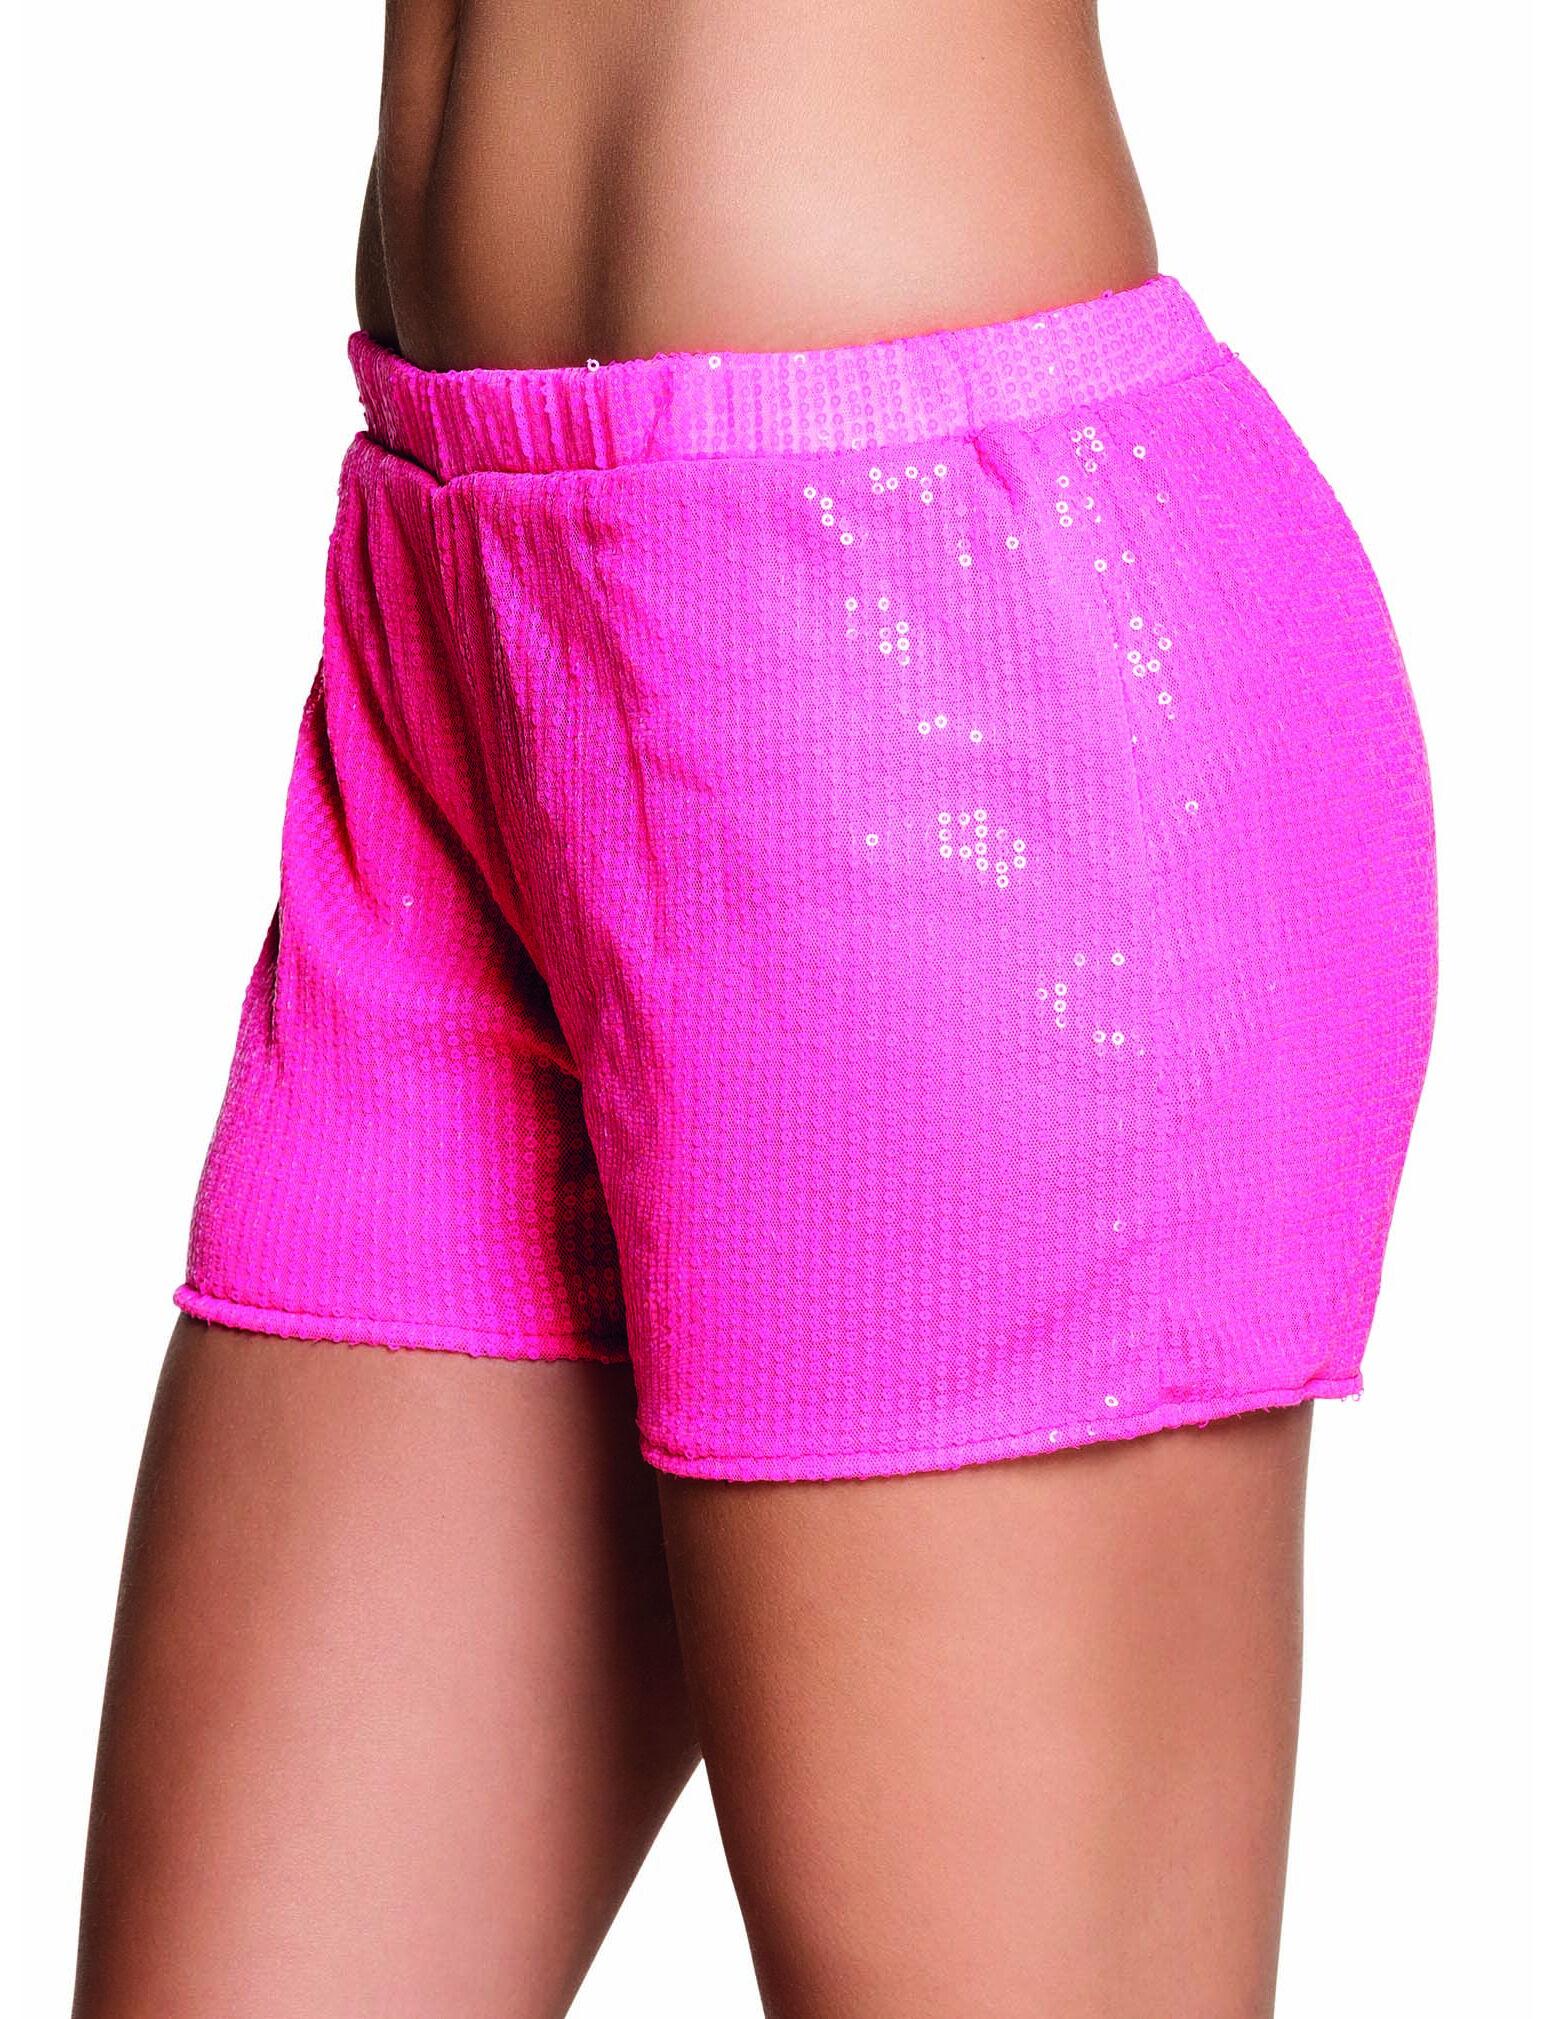 Vegaoo.es Pantalón corto lentejuelas rosa fluorescente mujer